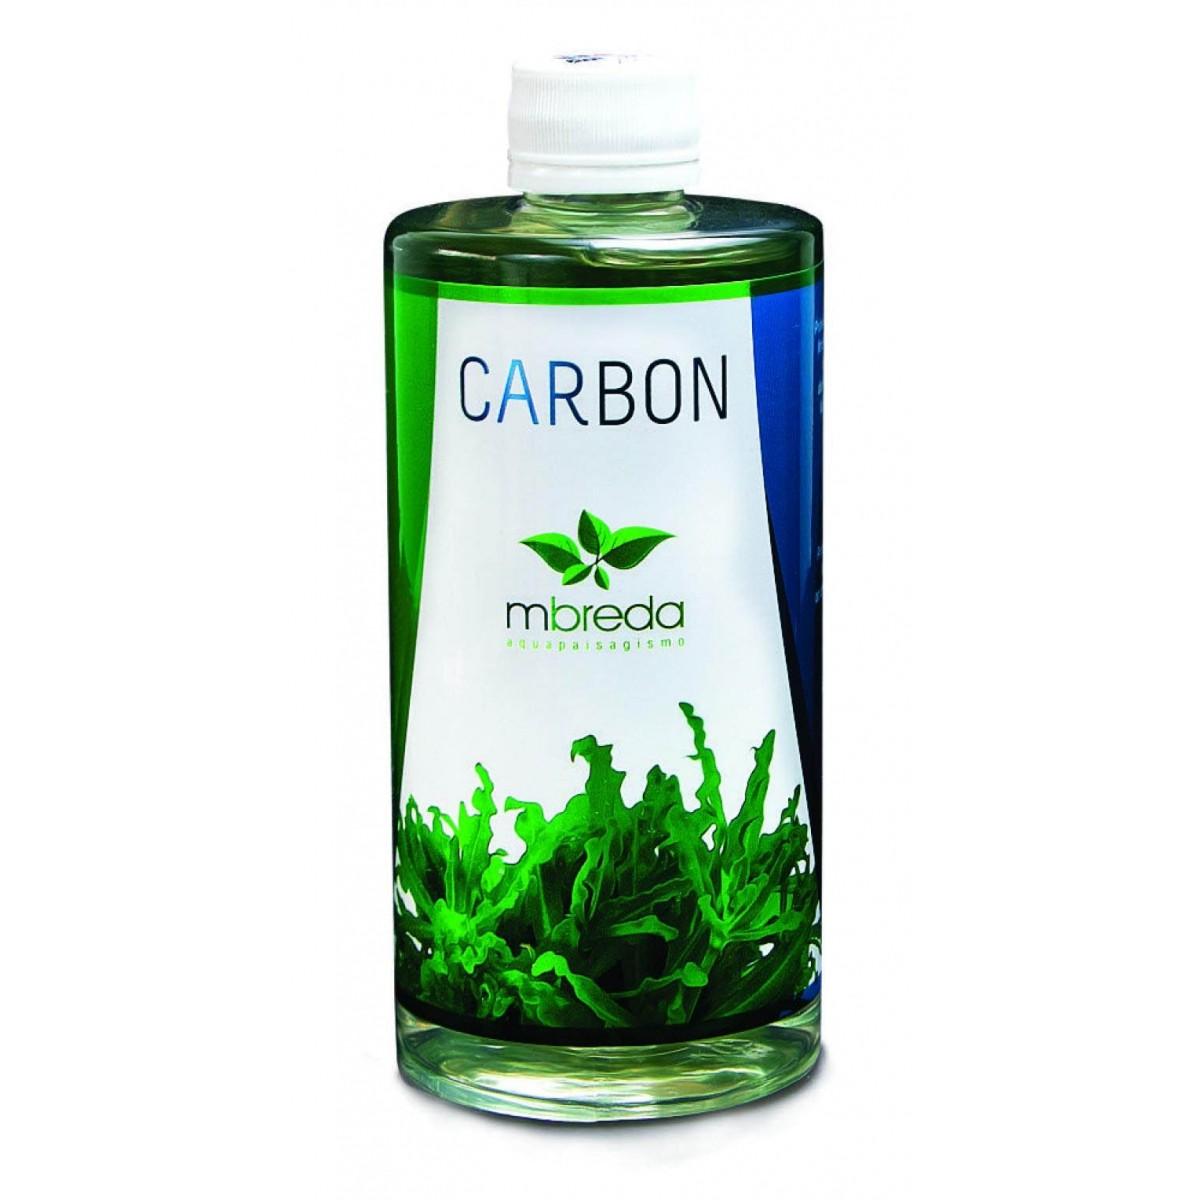 CARBONO LÍQUIDO MBREDA CARBON - 500 ml